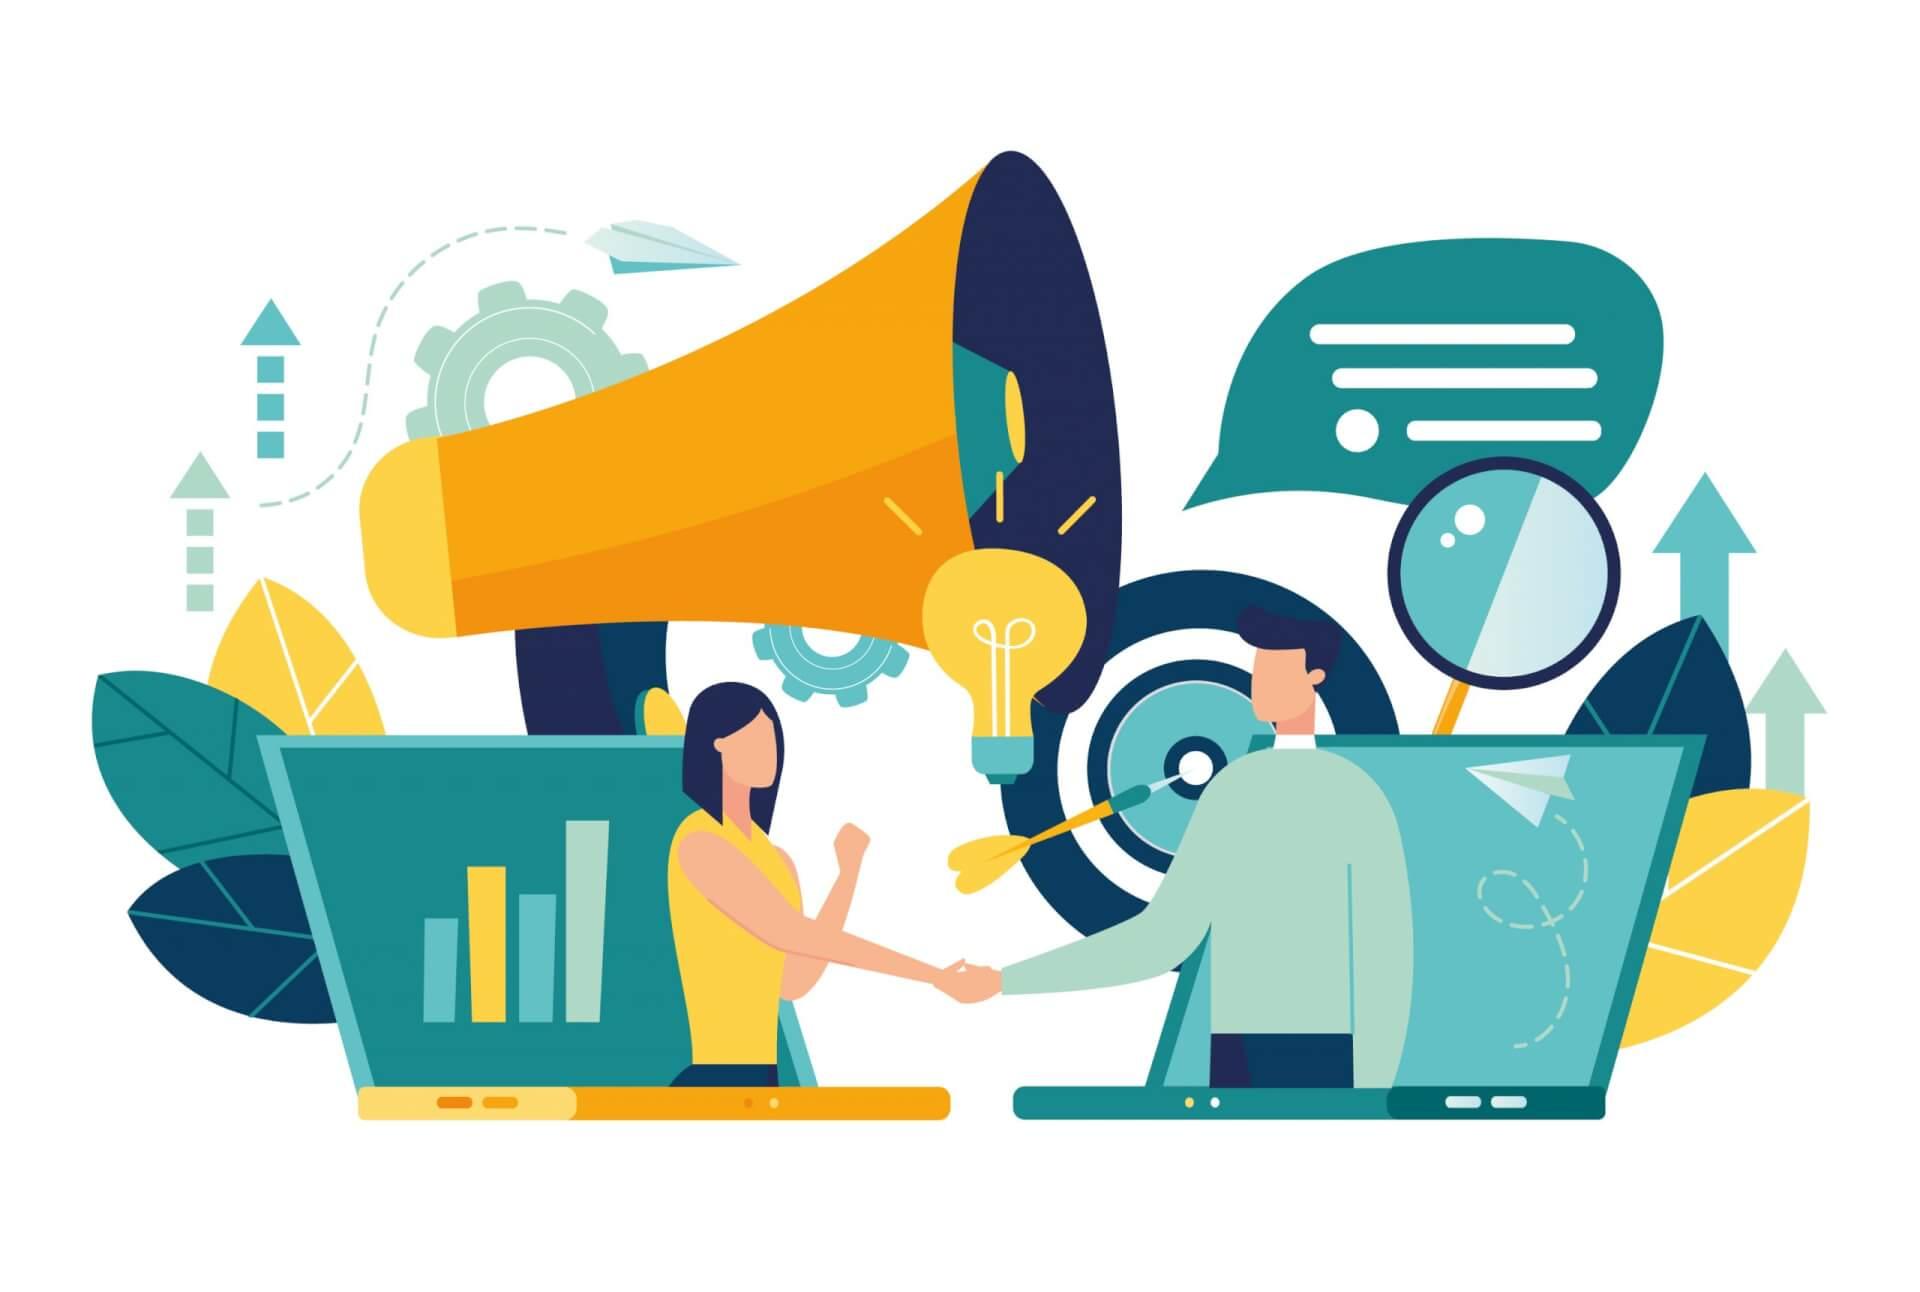 Nếu bạn công bố thông tin giải trí và hữu ích, mọi người sẽ đọc nội dung của bạn và đăng ký nhận bản tin của bạn